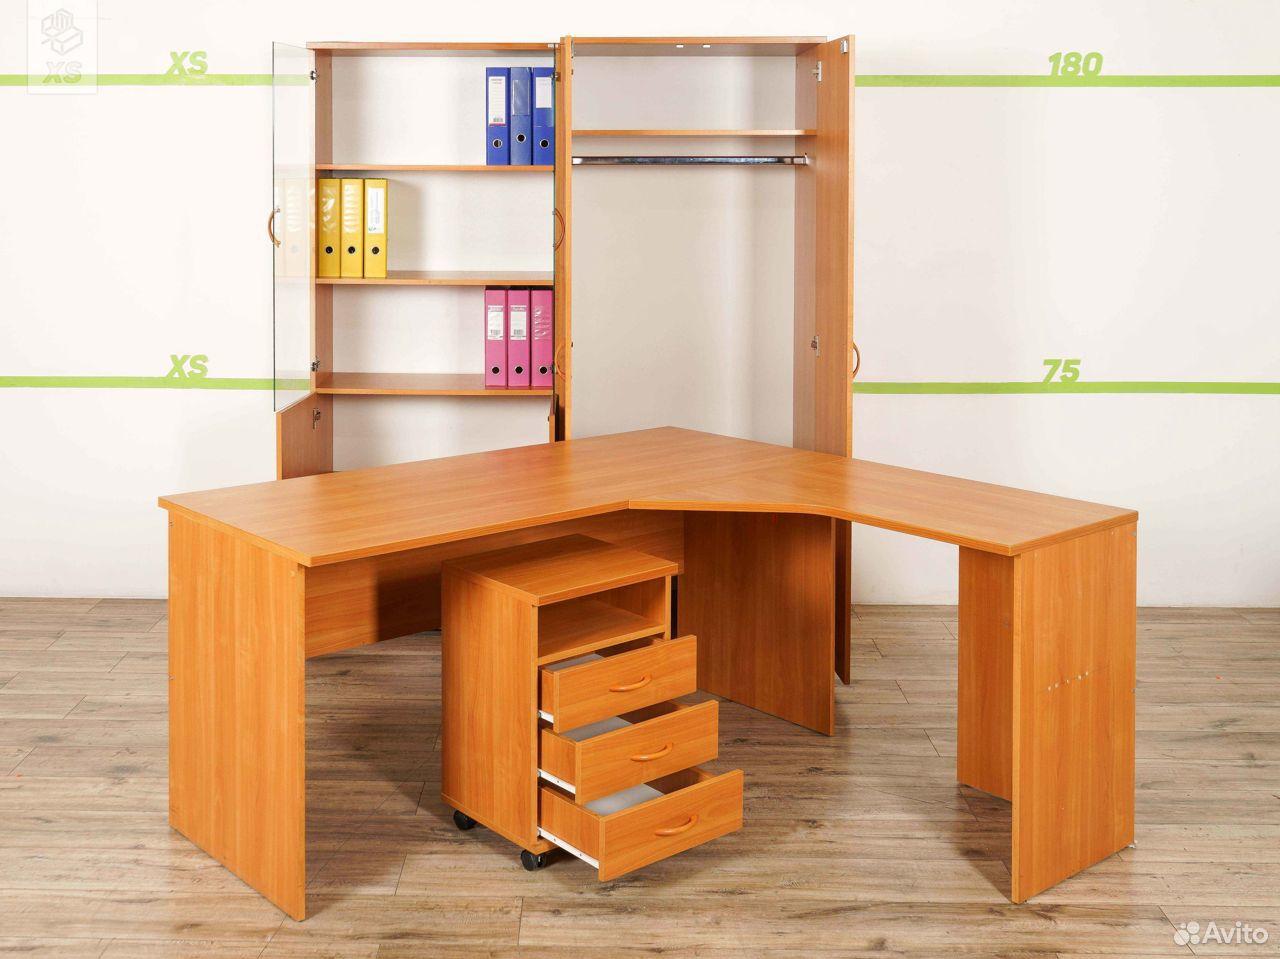 Офисная мебель бу. Готовый офис  88312150104 купить 5